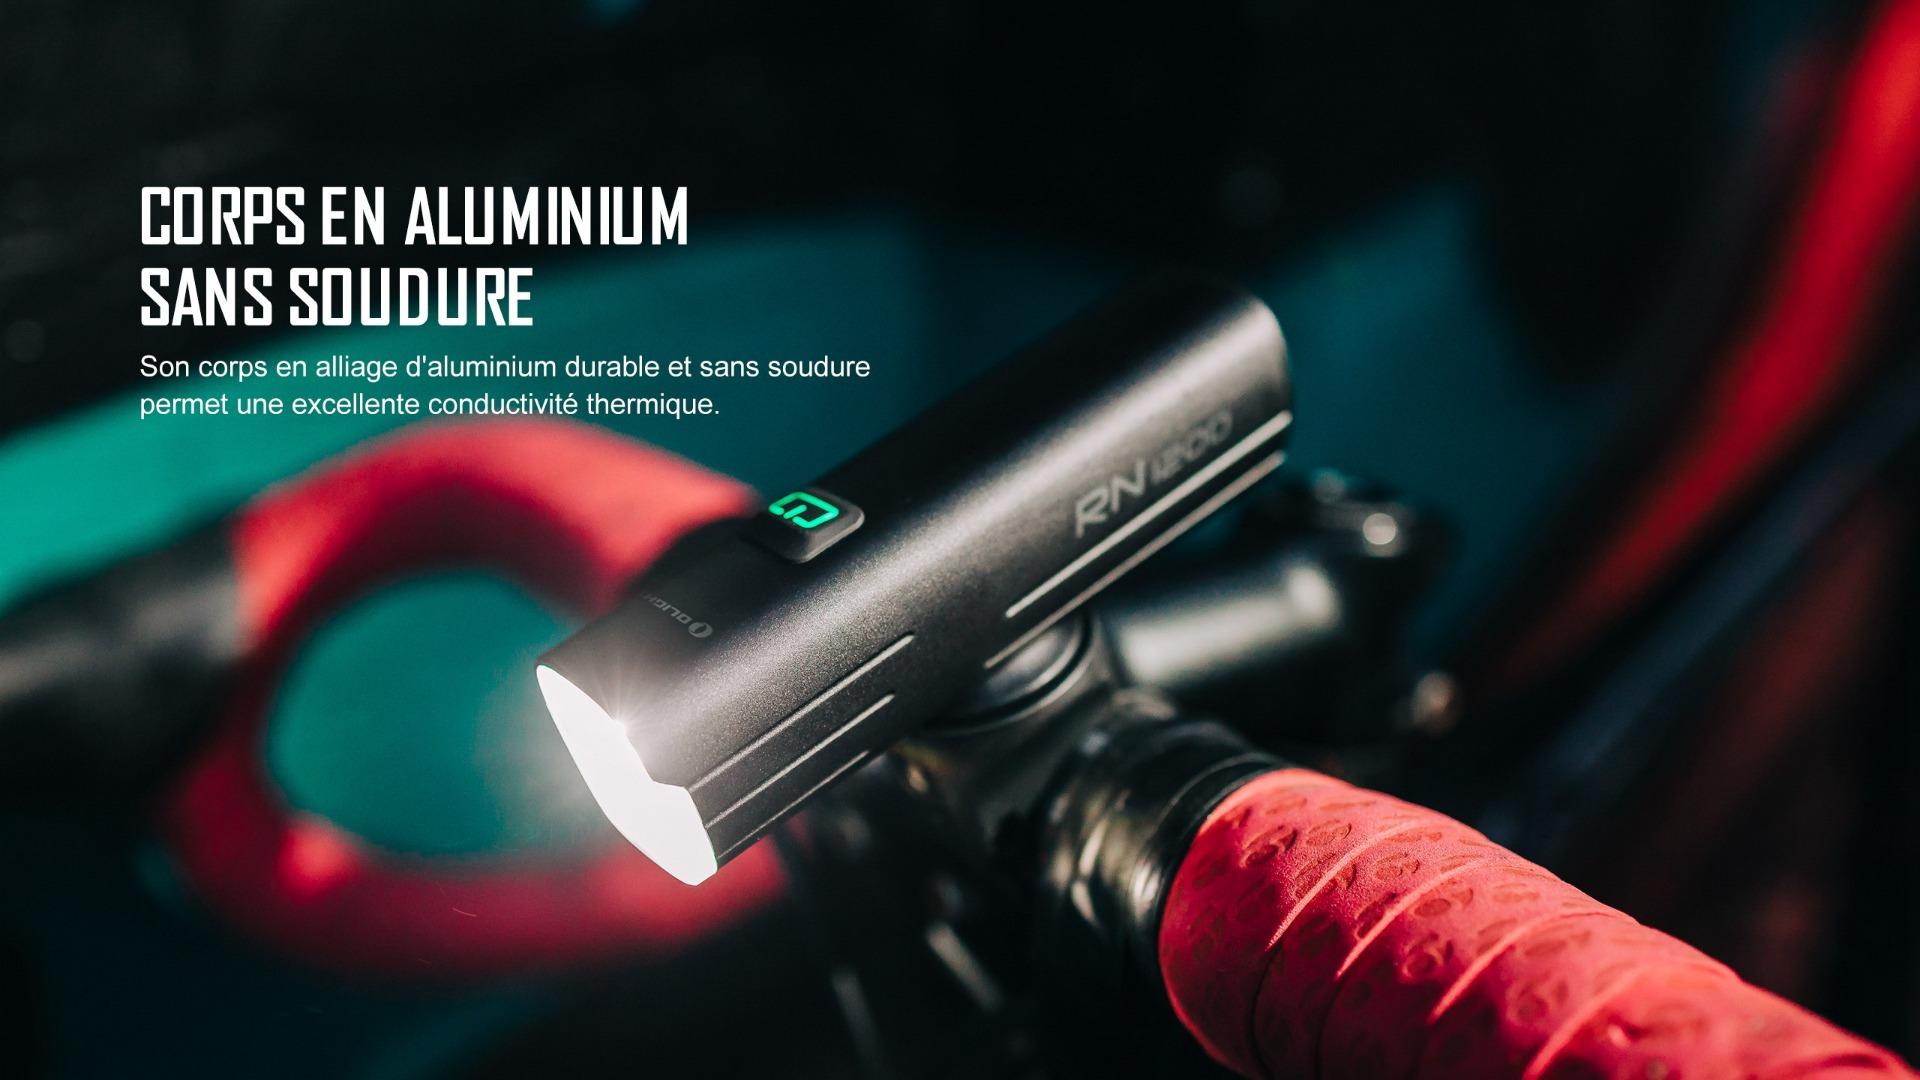 éclairage avant vélo a un corps en aluminium sans soudure